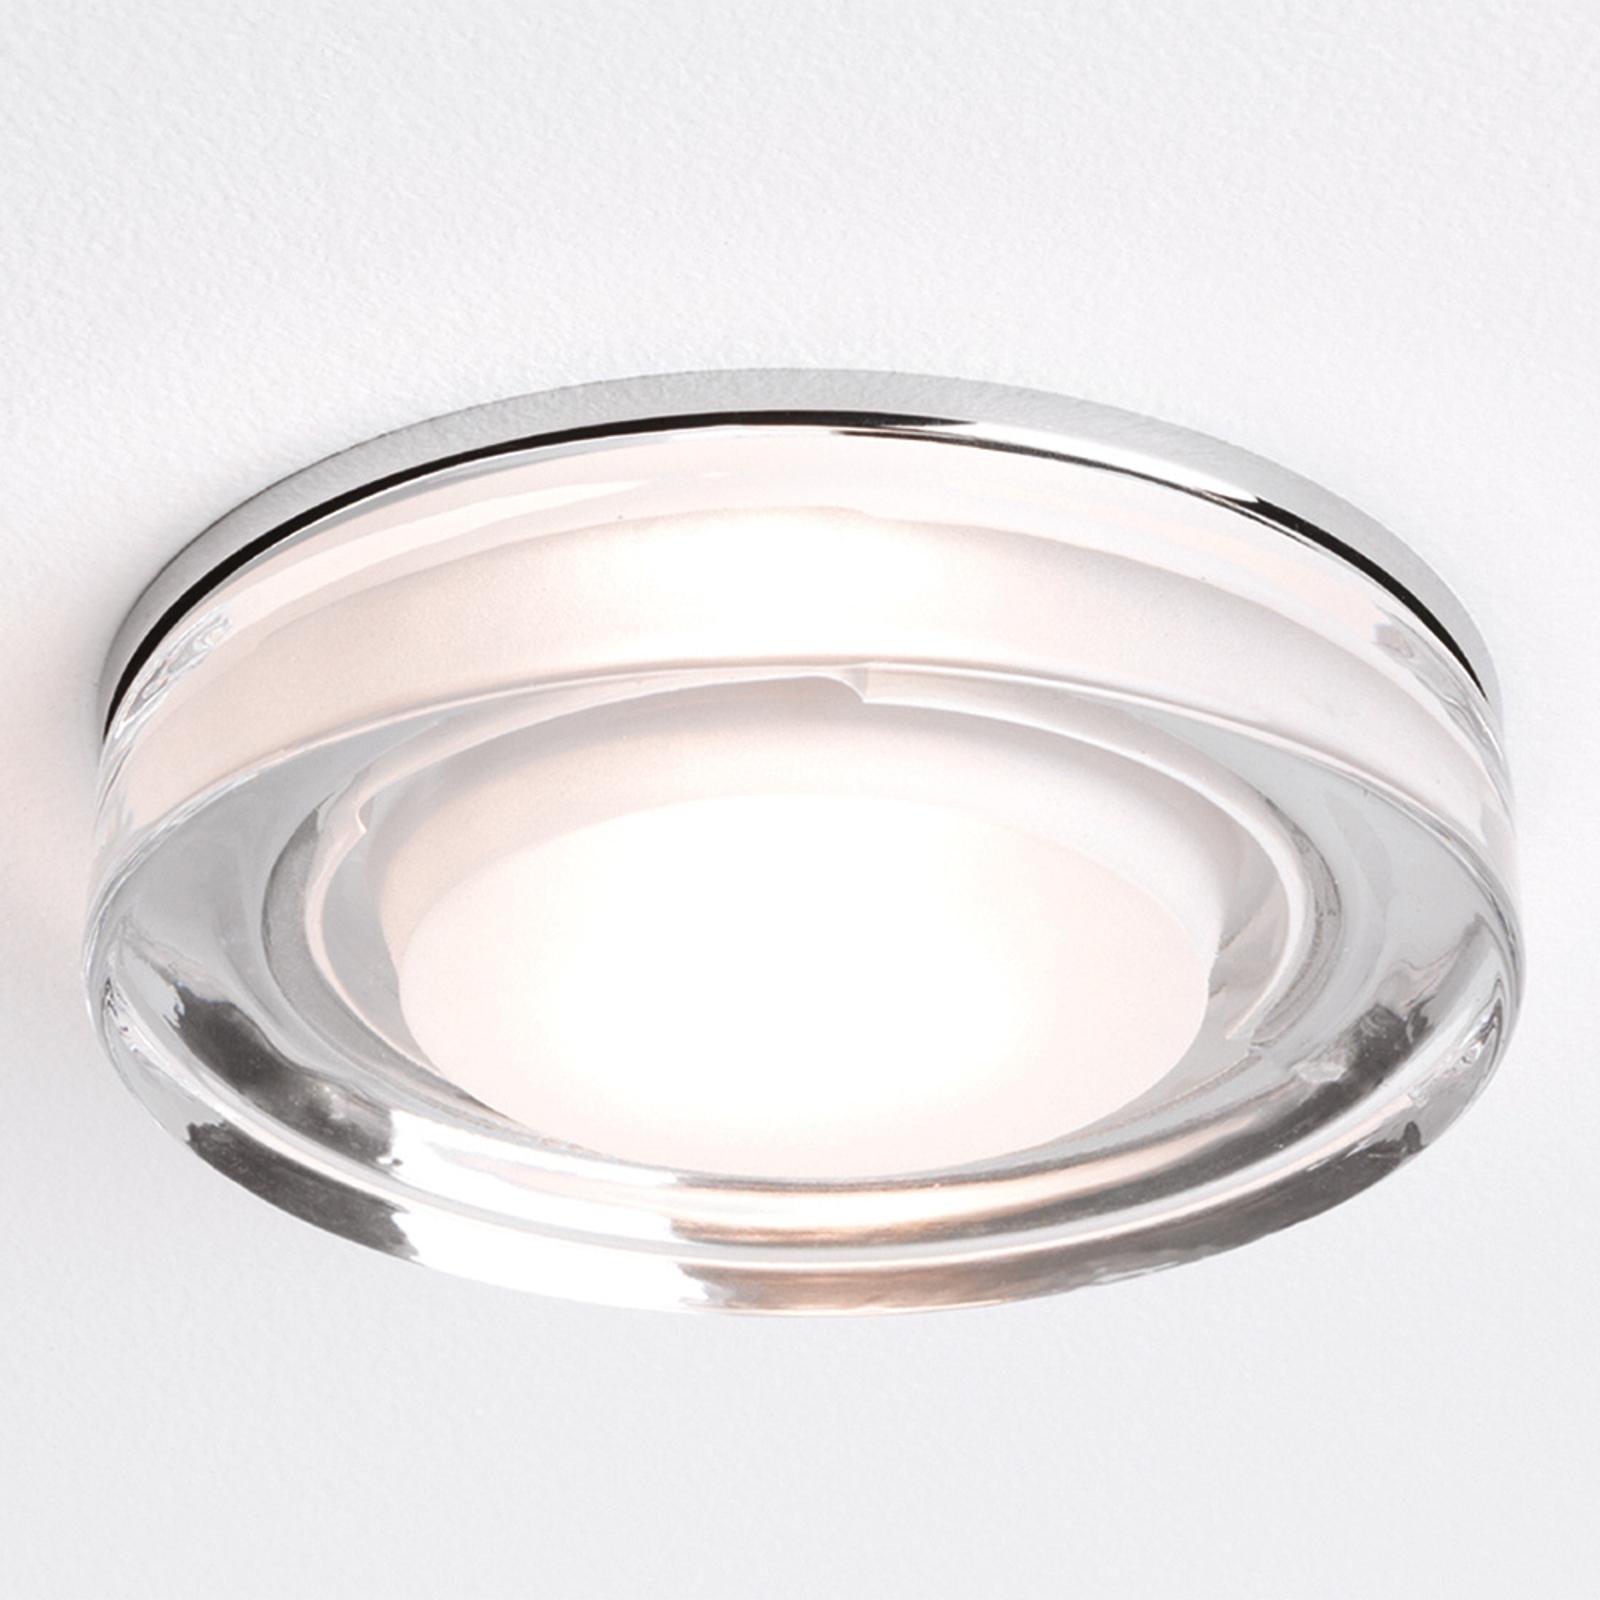 Astro Vancouver okrúhla vstavaná stropná lampa_1020099_1